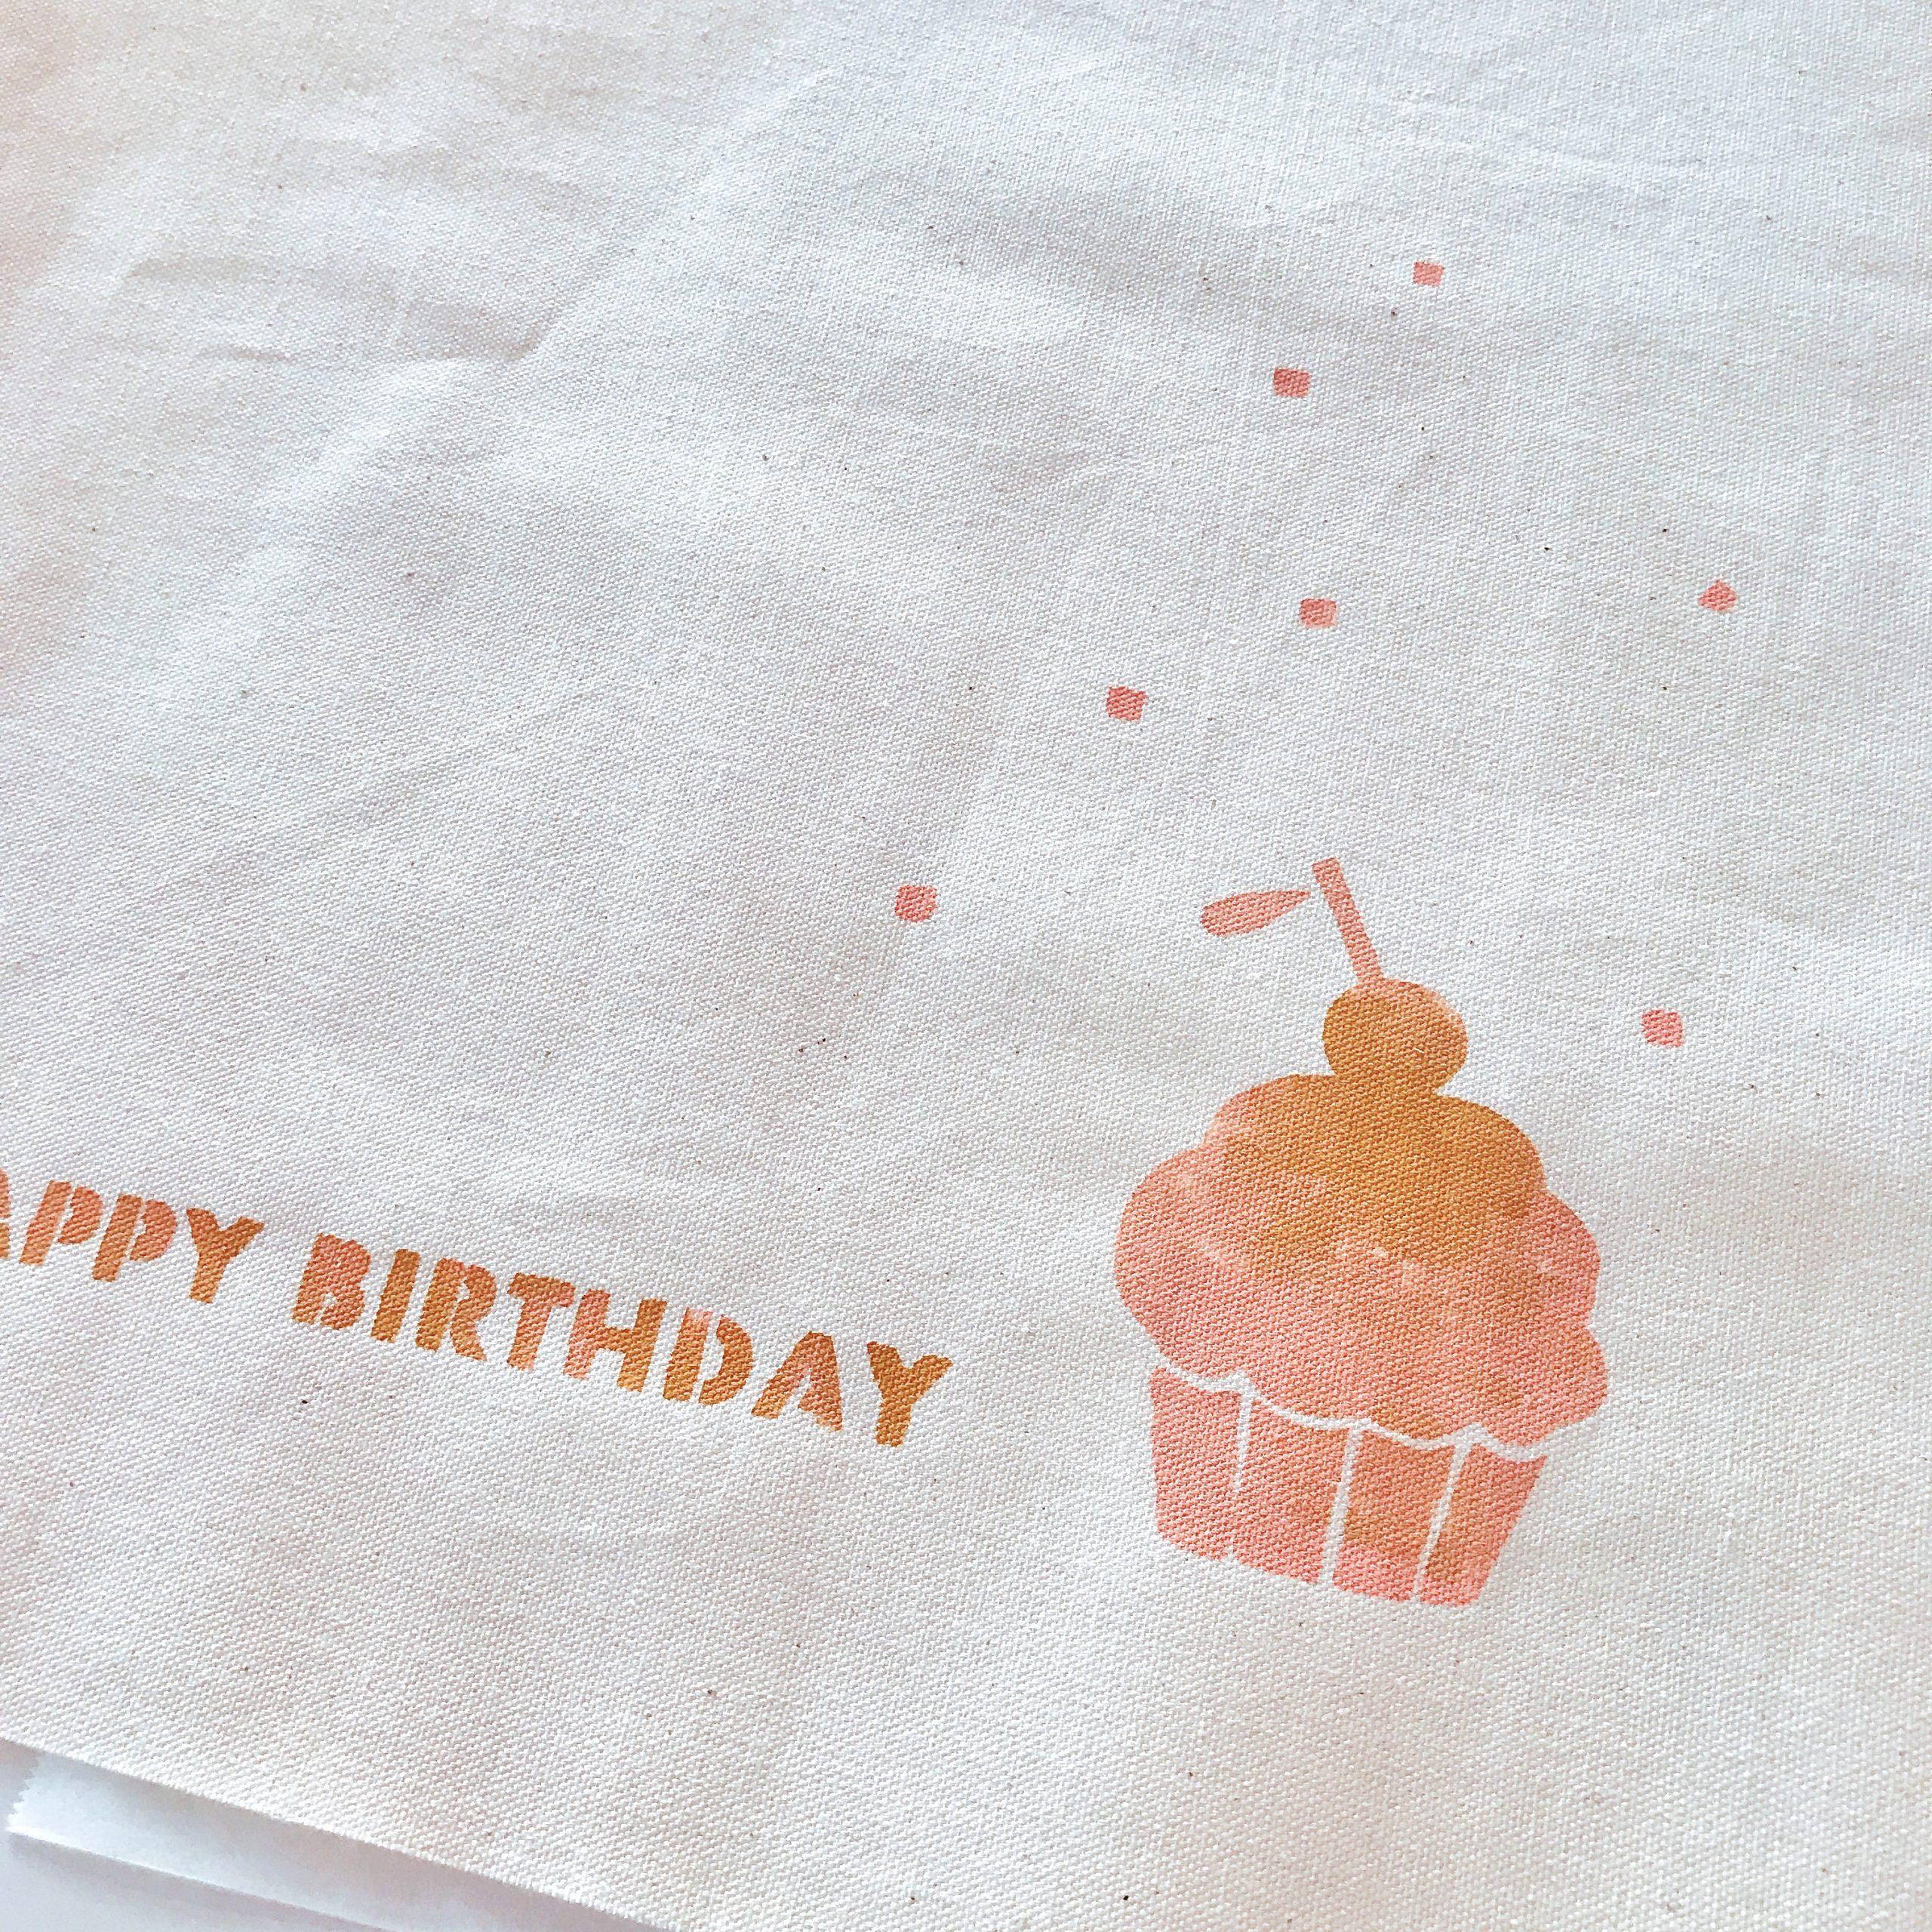 NEWデザイン「Birthday」ネットショップへ追加しました。